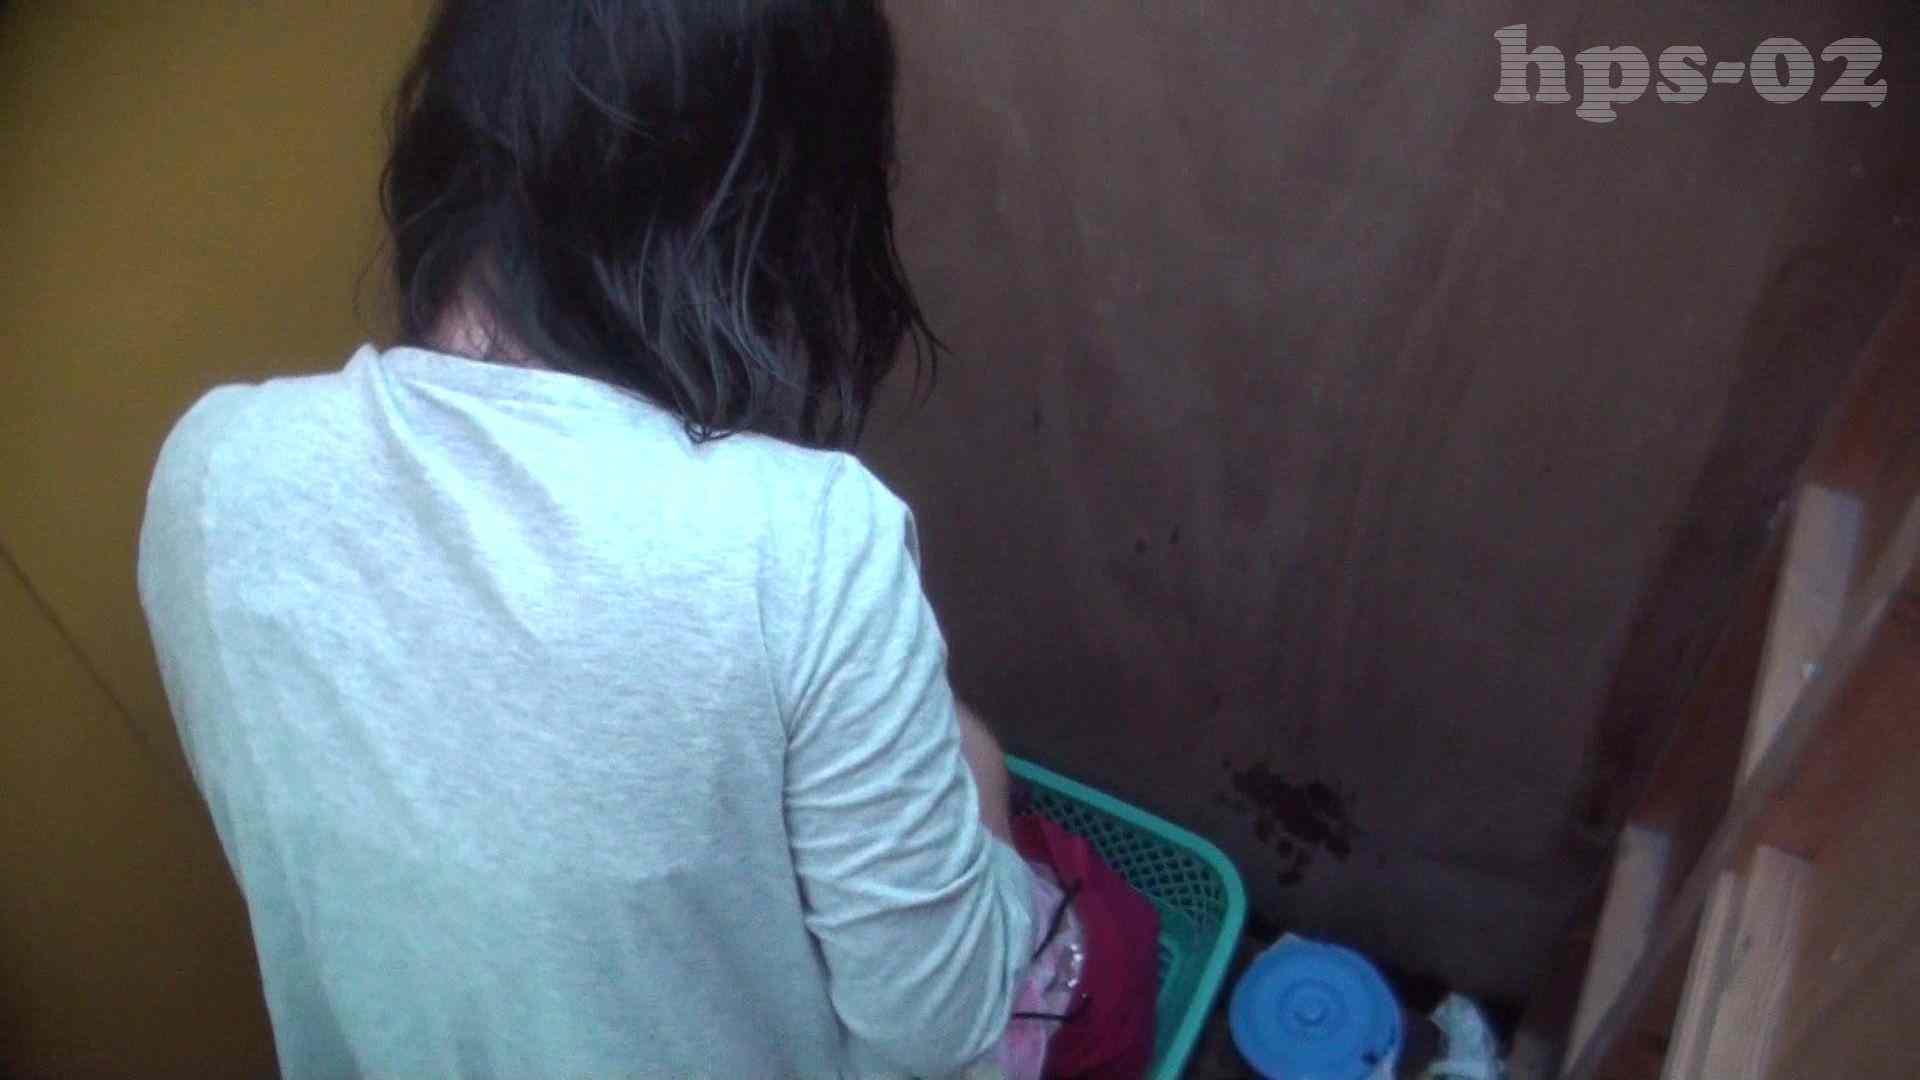 シャワールームは超!!危険な香りVol.2 カメラに目線をやるのですがまったく気が付きません。 美女OL セックス画像 40連発 11